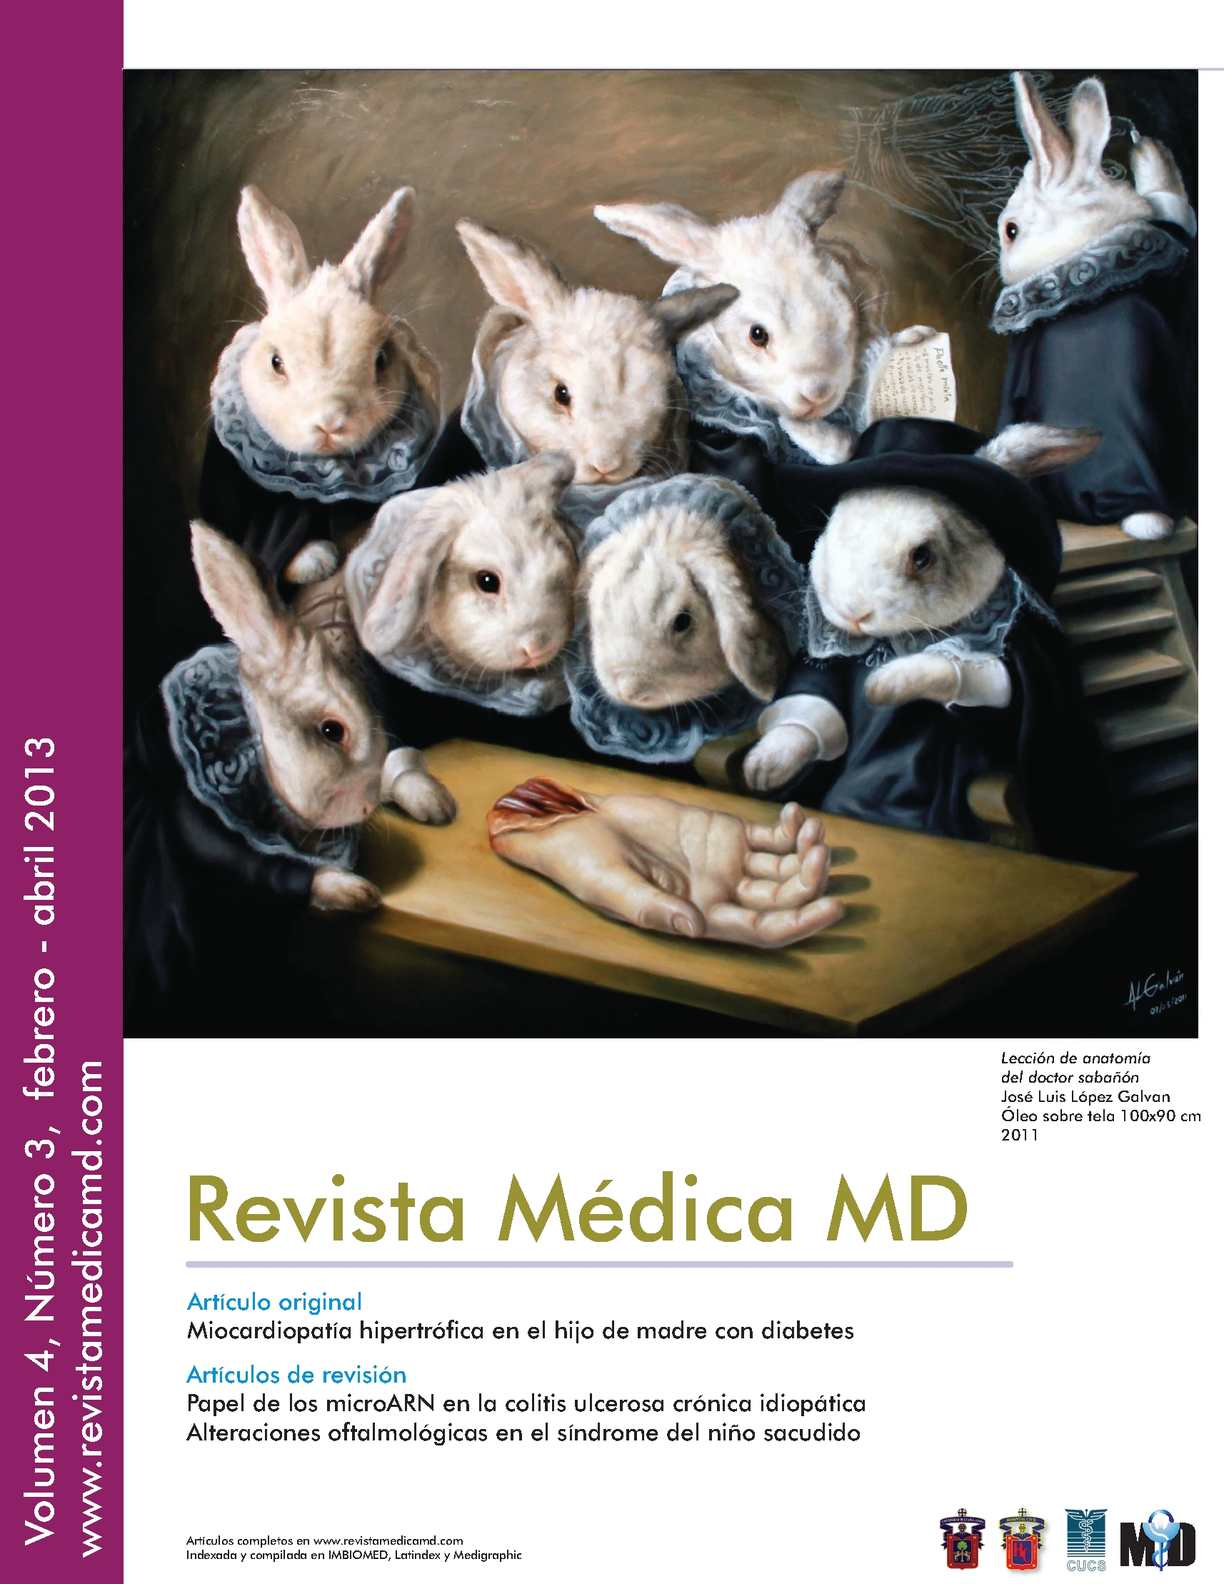 Calaméo - Revista medica MD